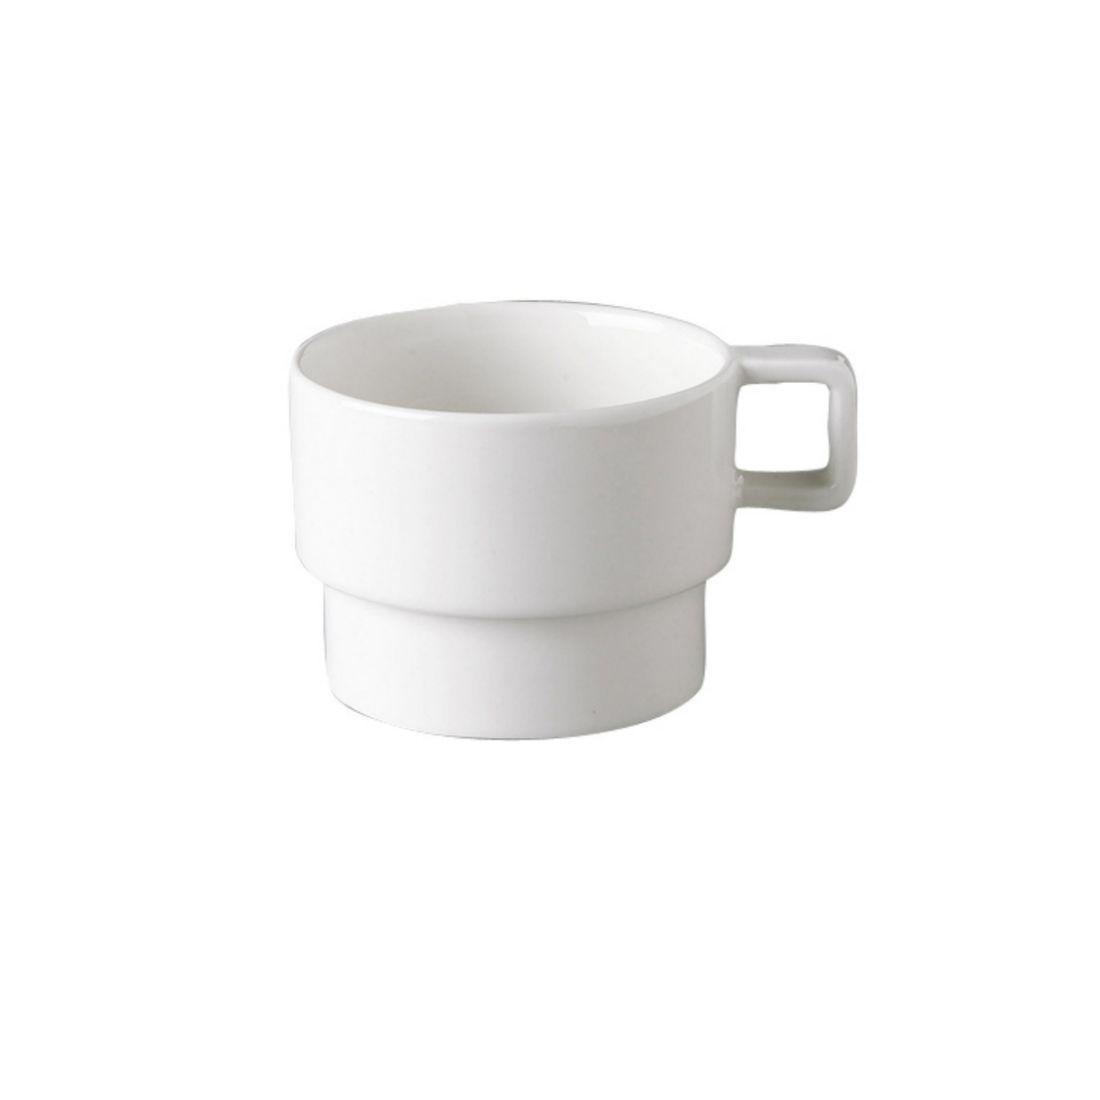 Šálek na kávu Nordic 200 ml